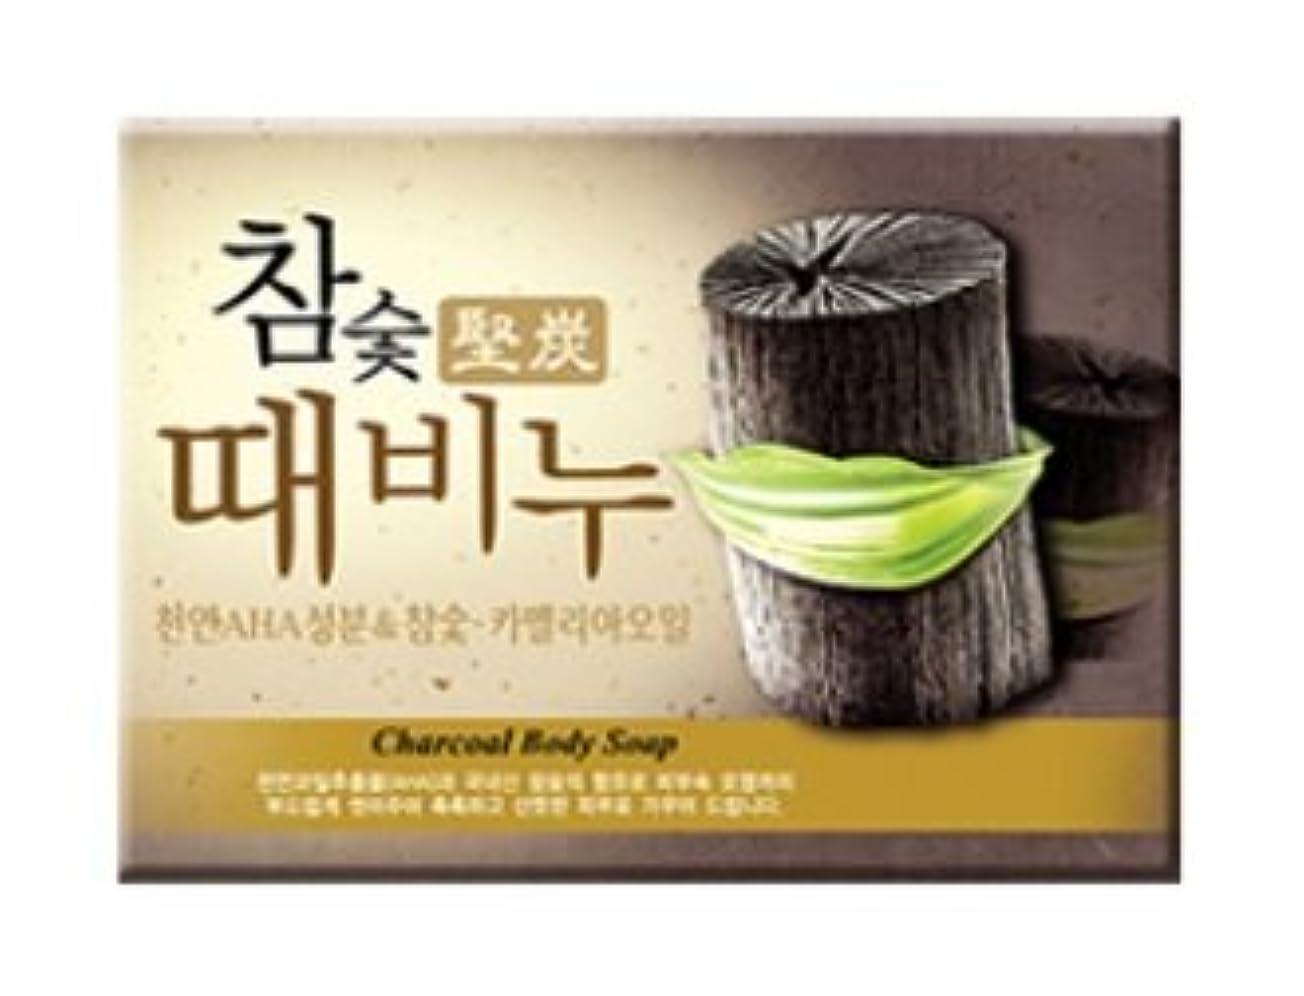 堅炭ソープ 100g / Charcoal Body Soap [並行輸入品]